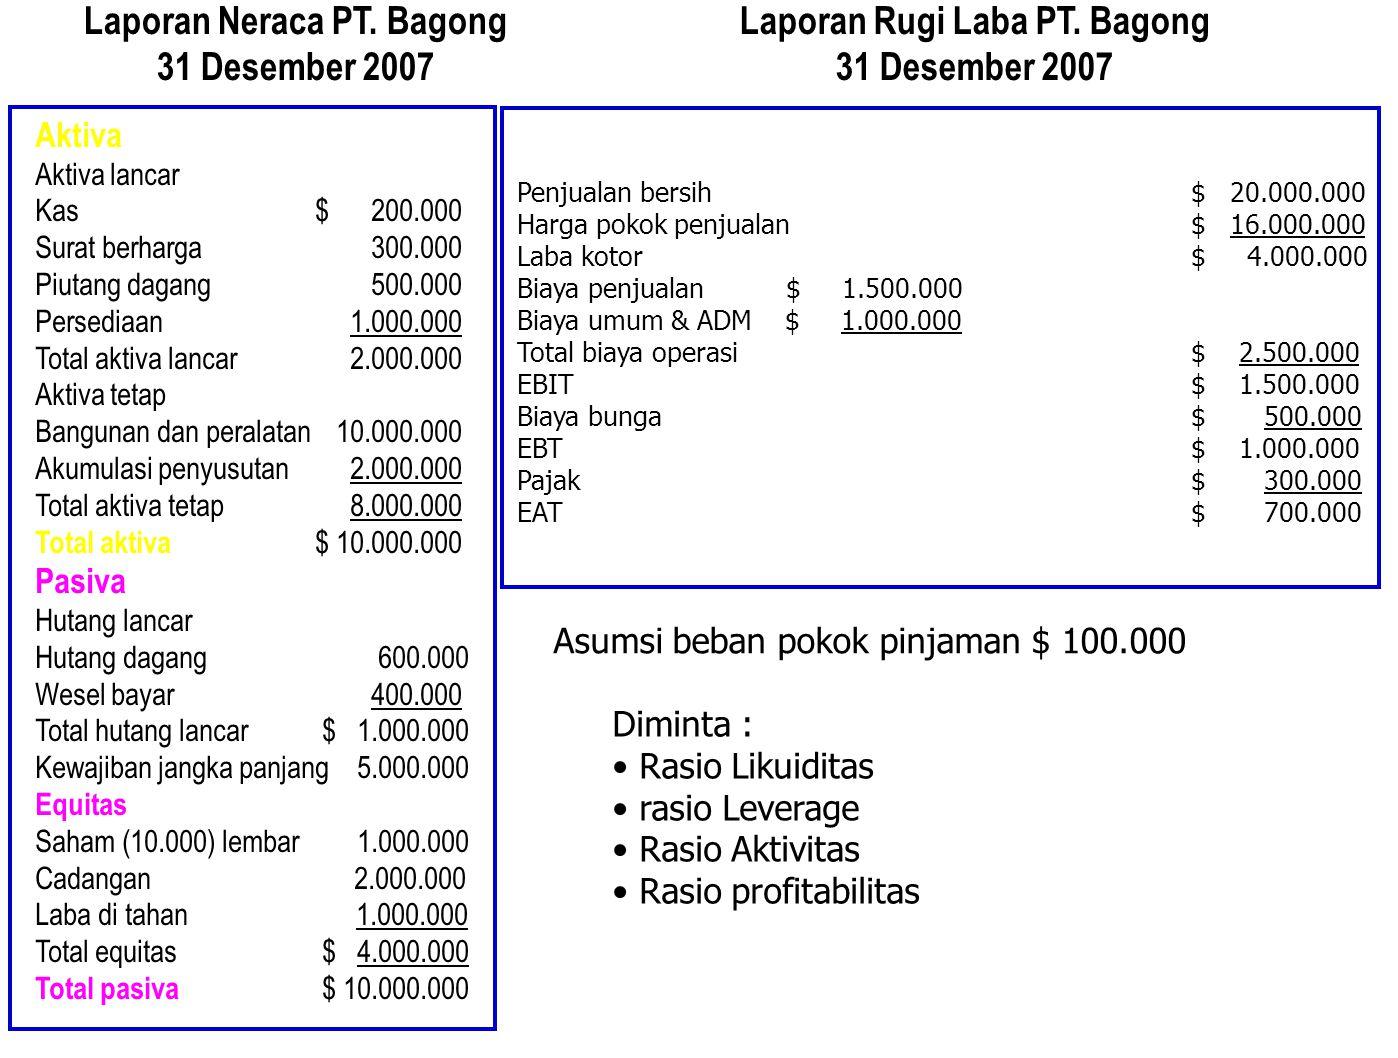 Laporan Neraca PT. Bagong 31 Desember 2007